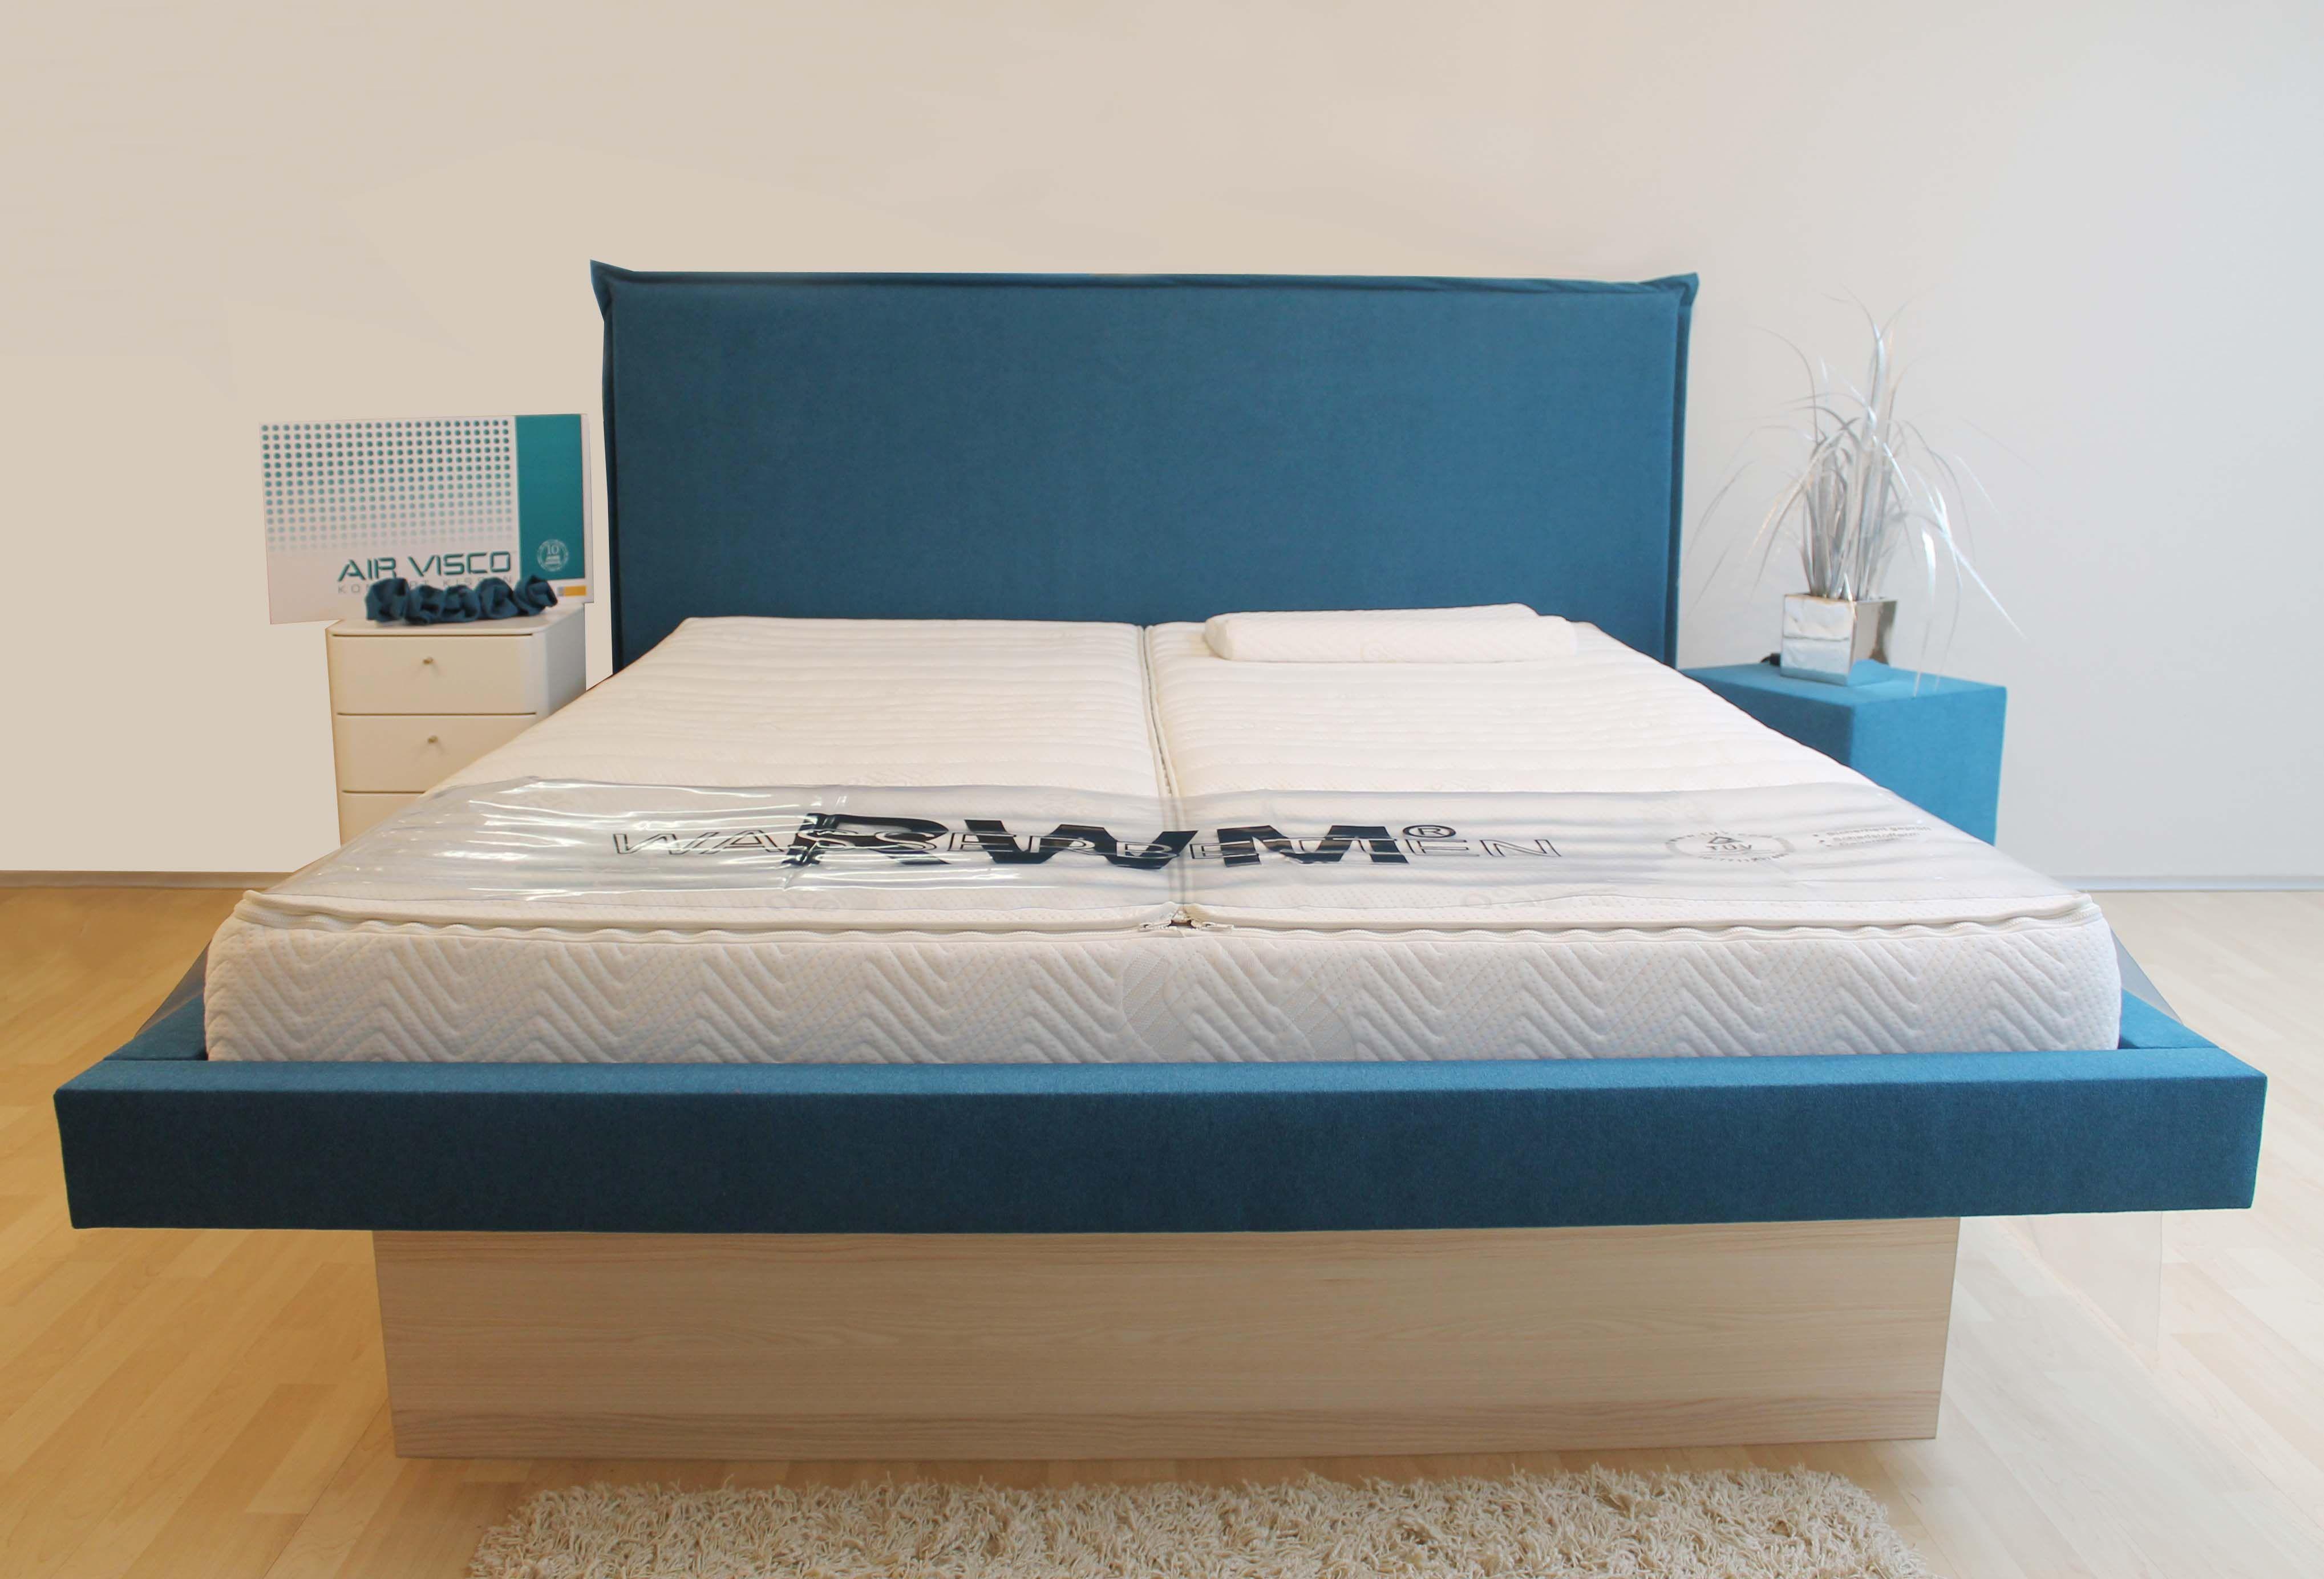 Rwm Wasserbett Mit Lea Kopfteil Wasserbett Bett Schlafsysteme